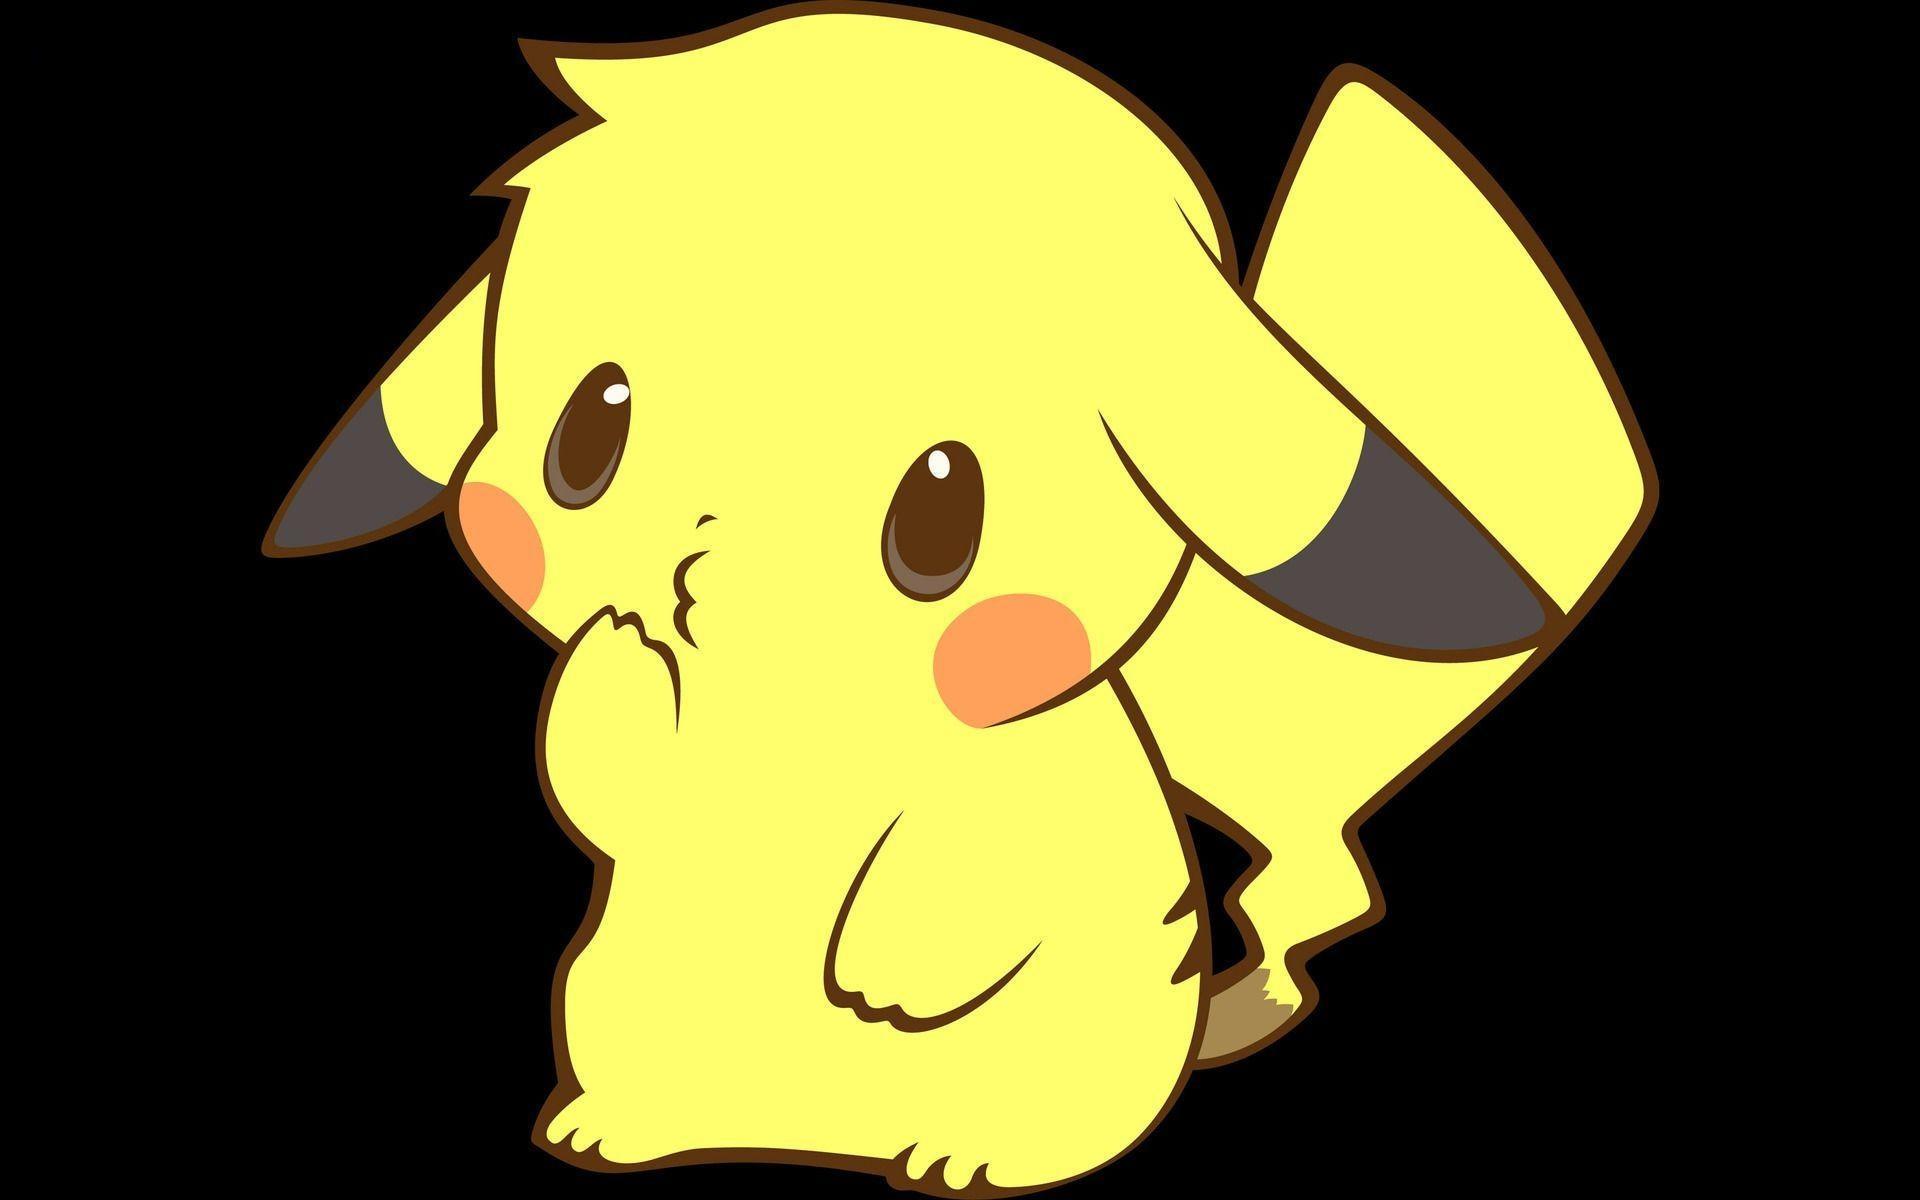 Cute Pikachu Iphone Wallpaper Hd